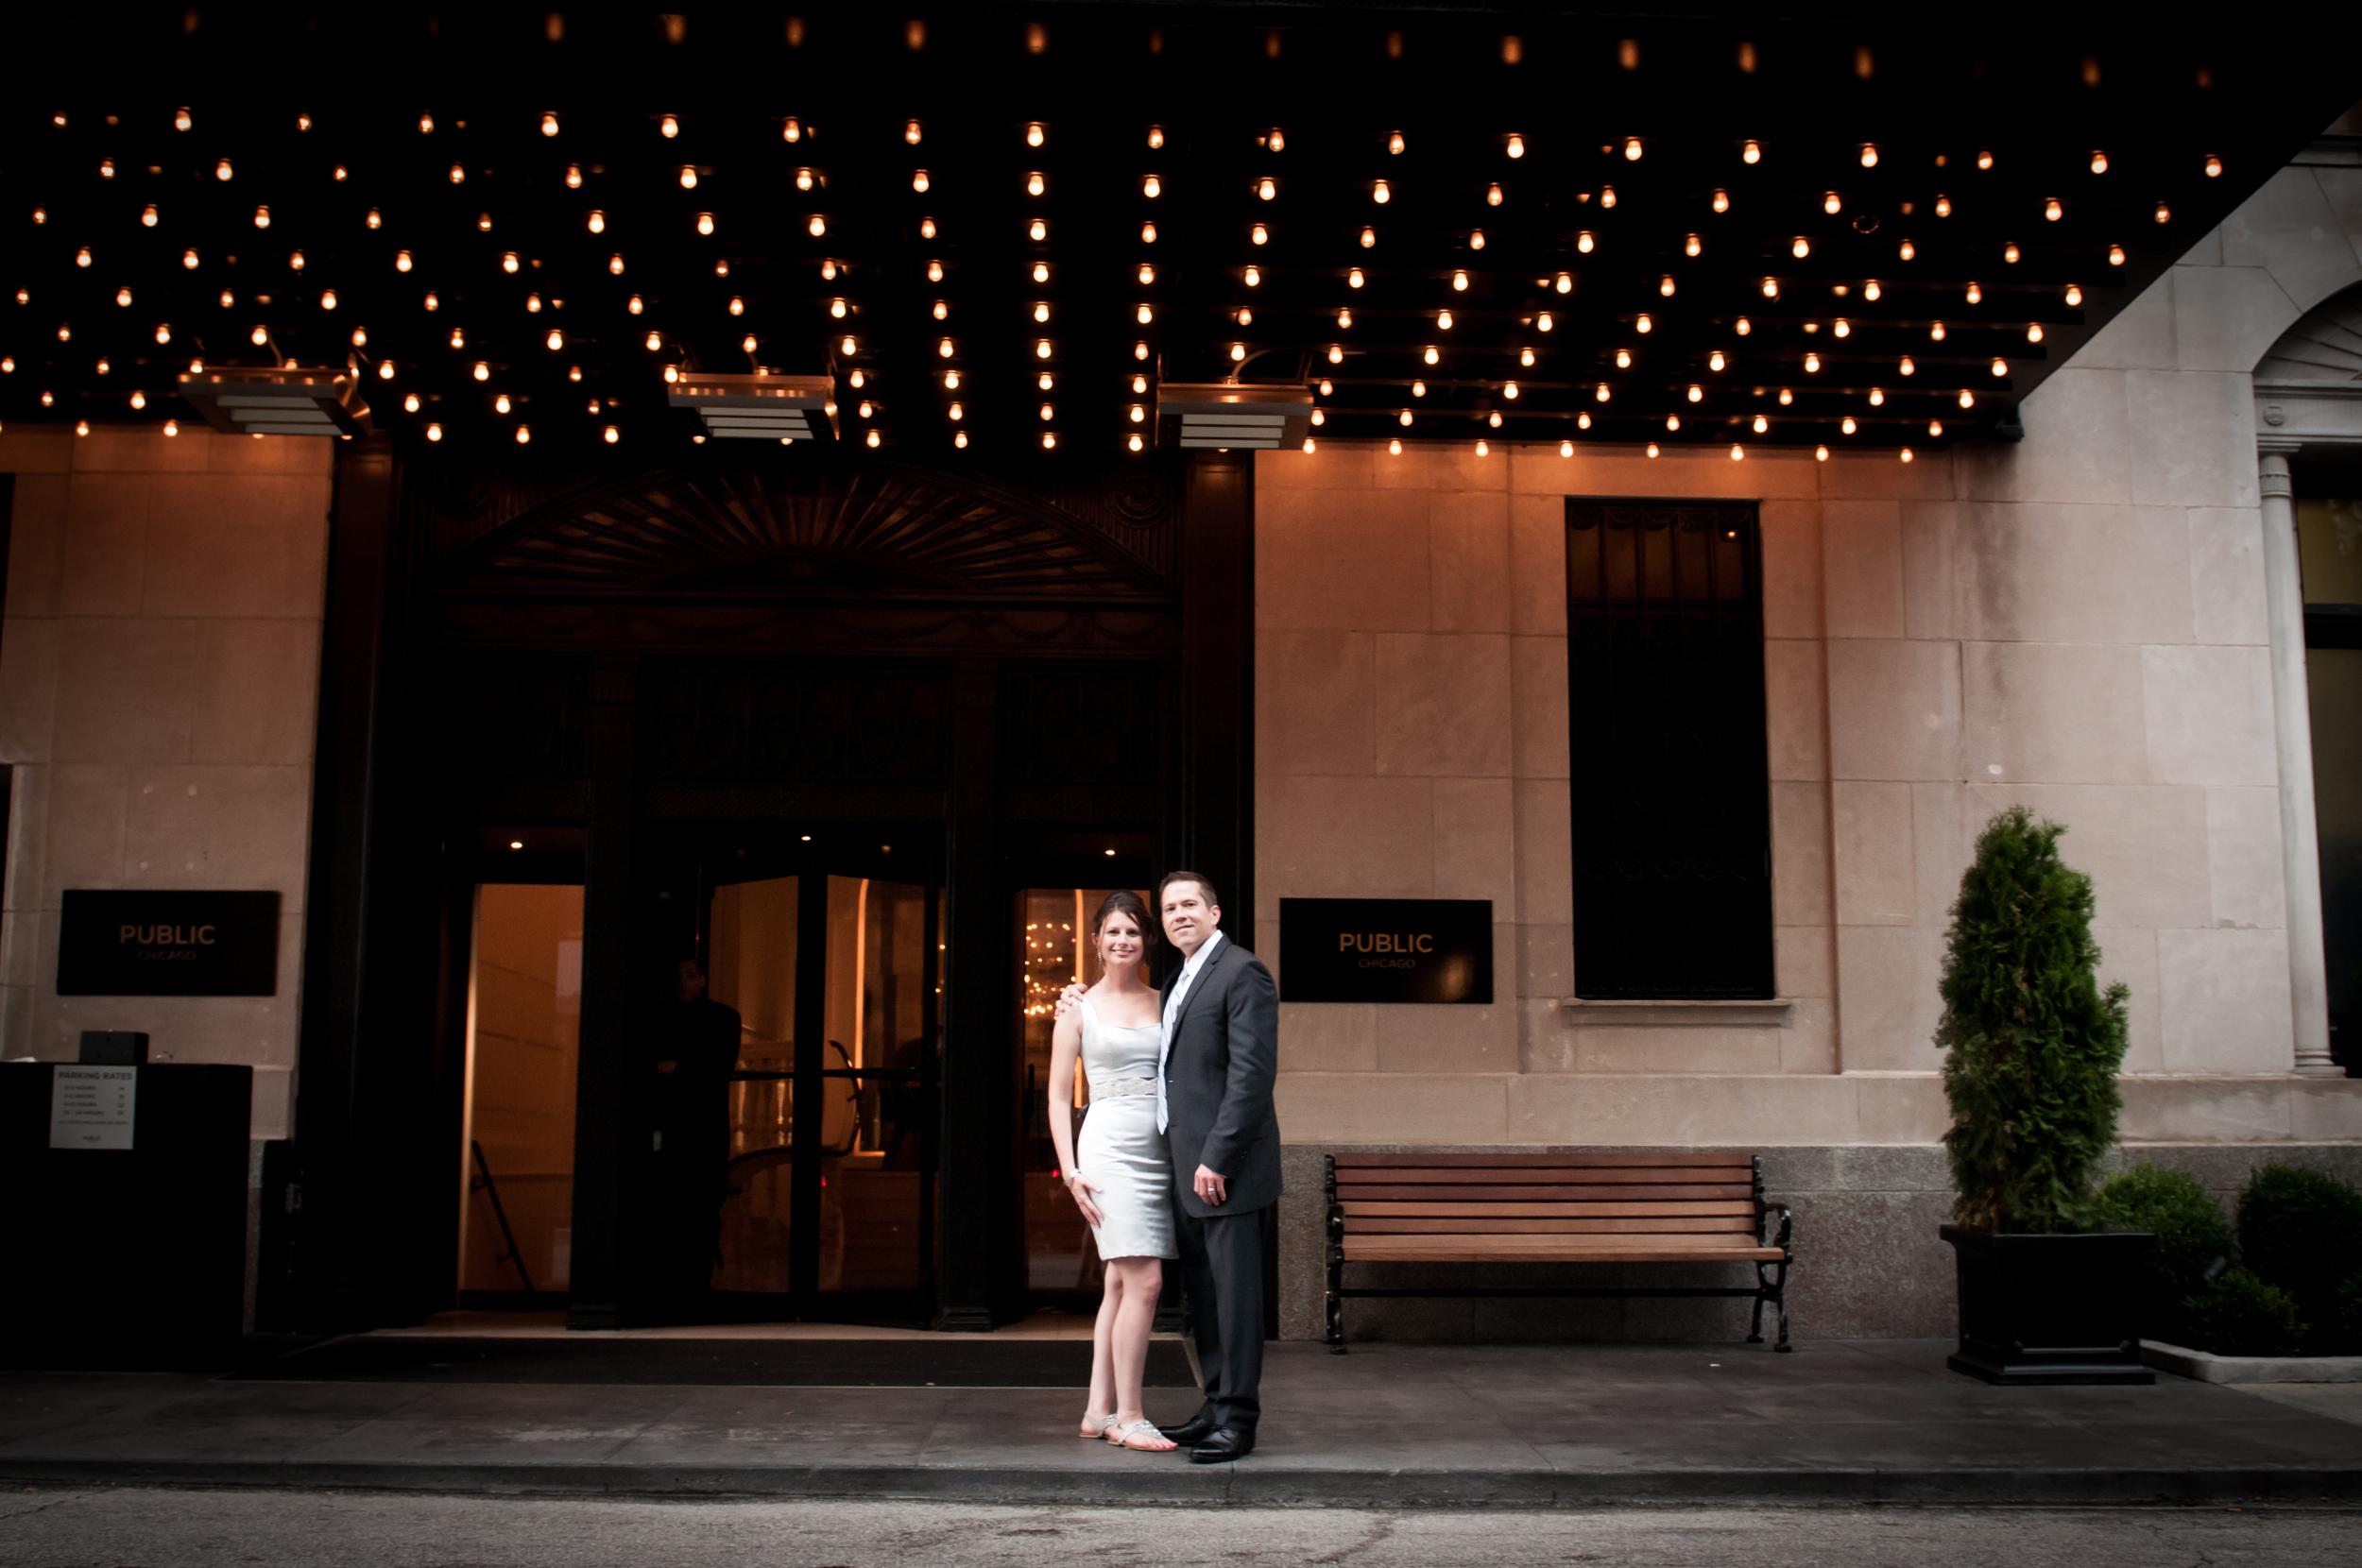 colleen & jeff public hotel chicago wedding-009.jpg